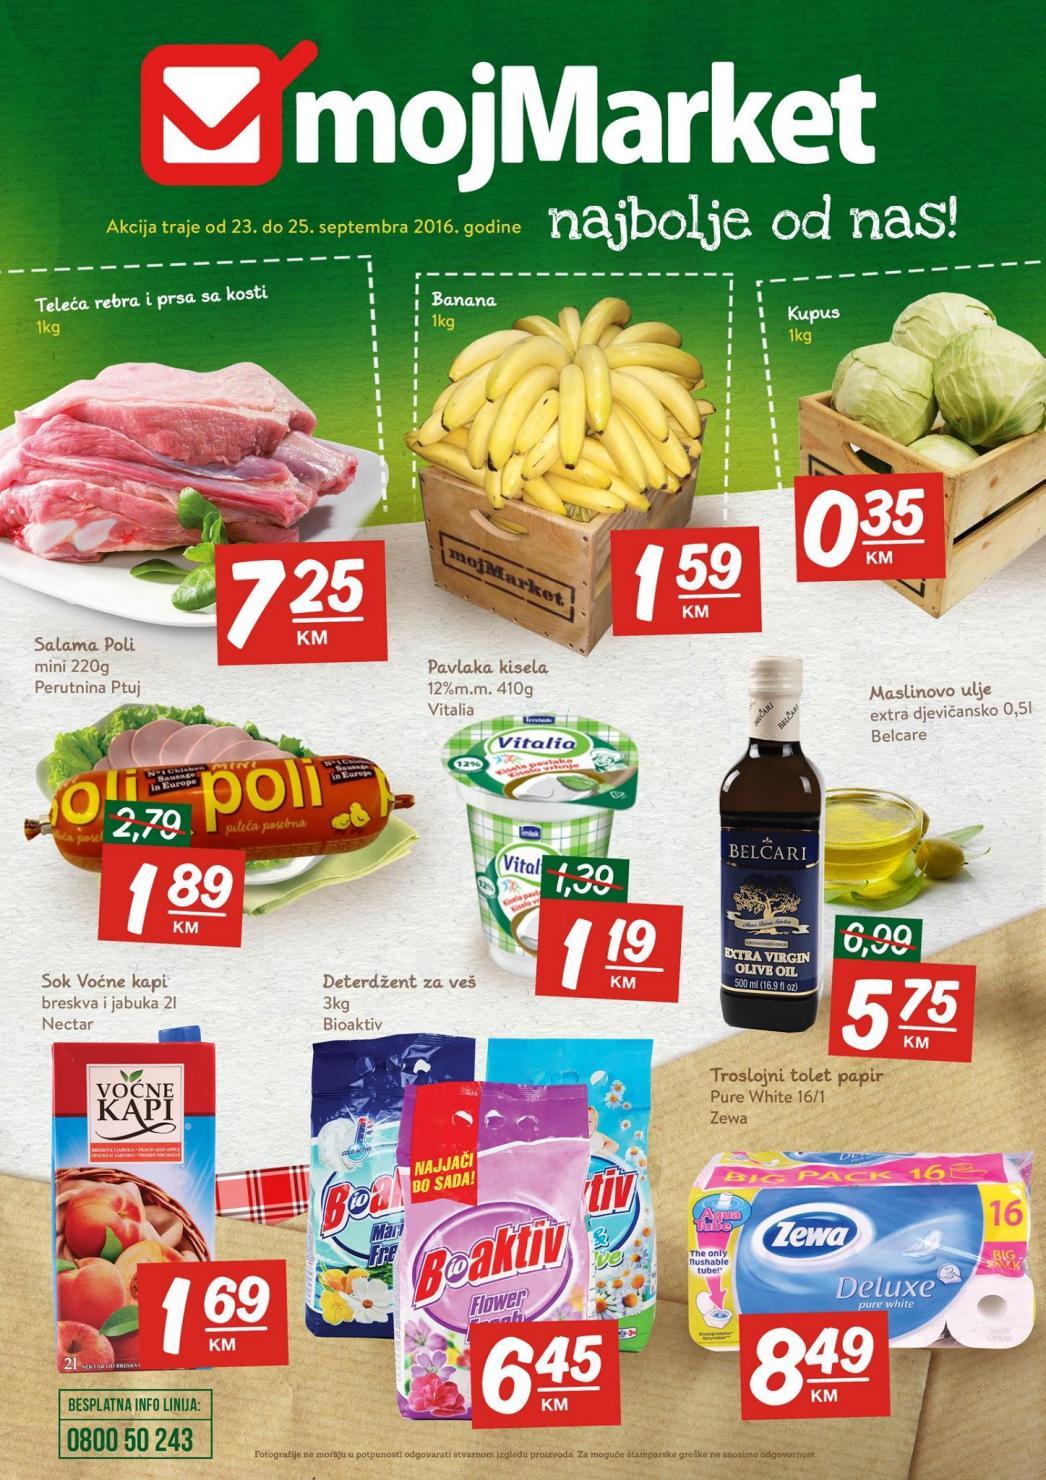 Nova vikend akcija i nove super cijene od 23.- 25.09.2016. u mojMrket supermarketima!